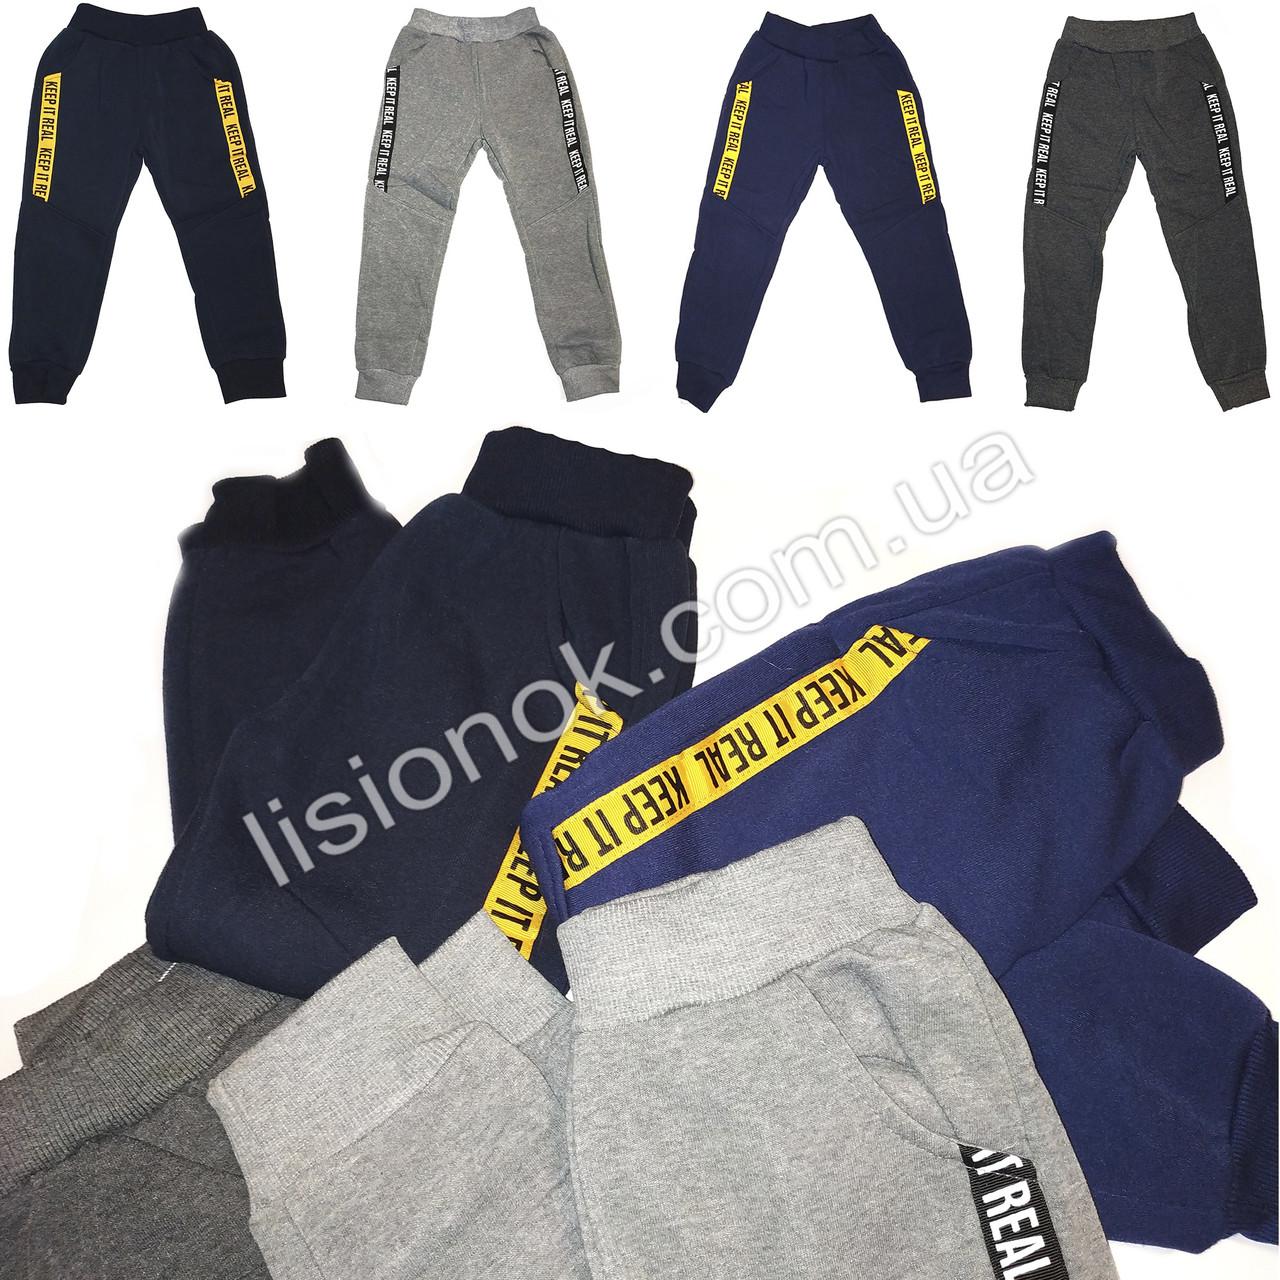 Утепленные спортивные штаны с плотным начесом, очень теплые, отличное качество